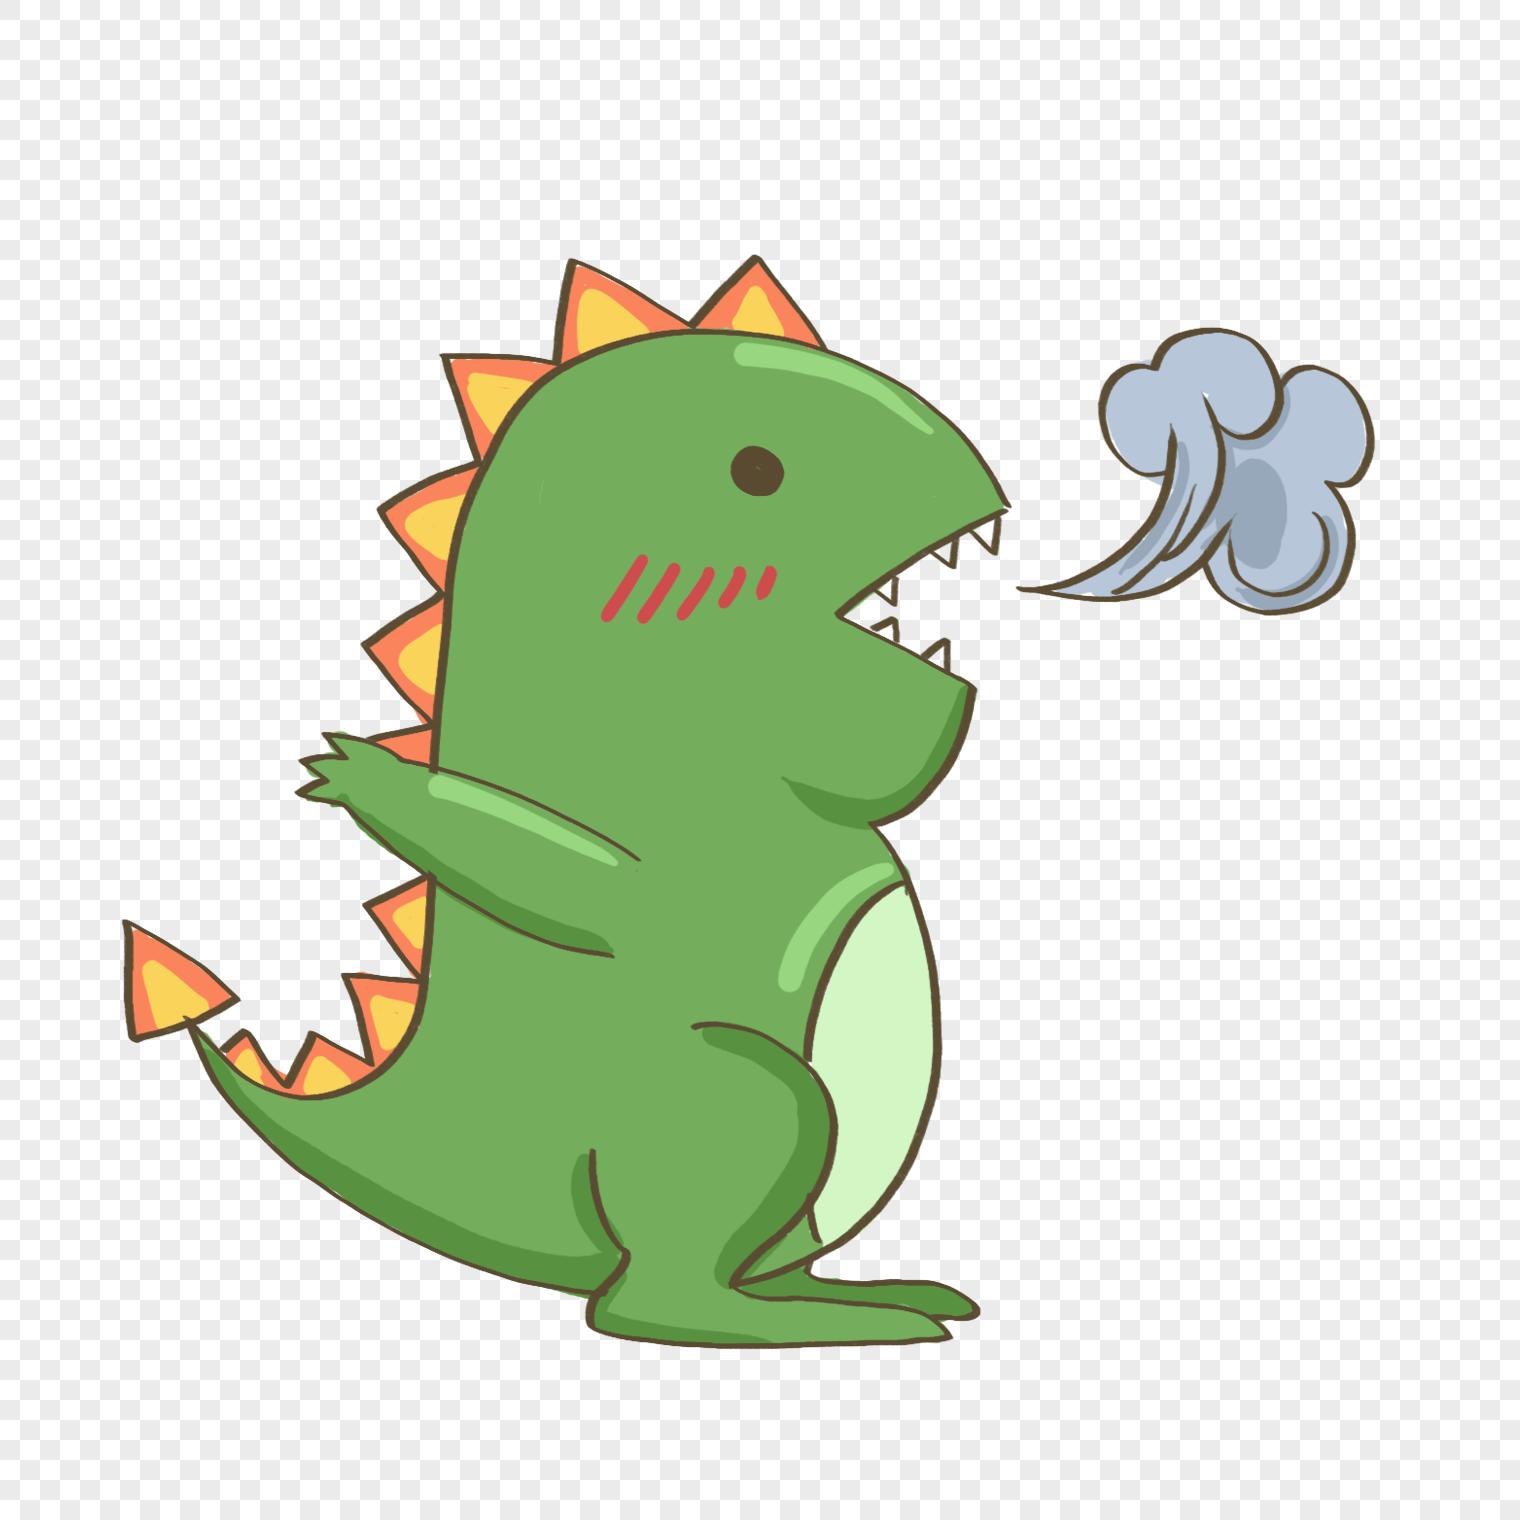 綠色卡通噴火恐龍PSD圖案素材免費下載 - 尺寸1500 × 1500px - 圖形ID401555629 - Lovepik